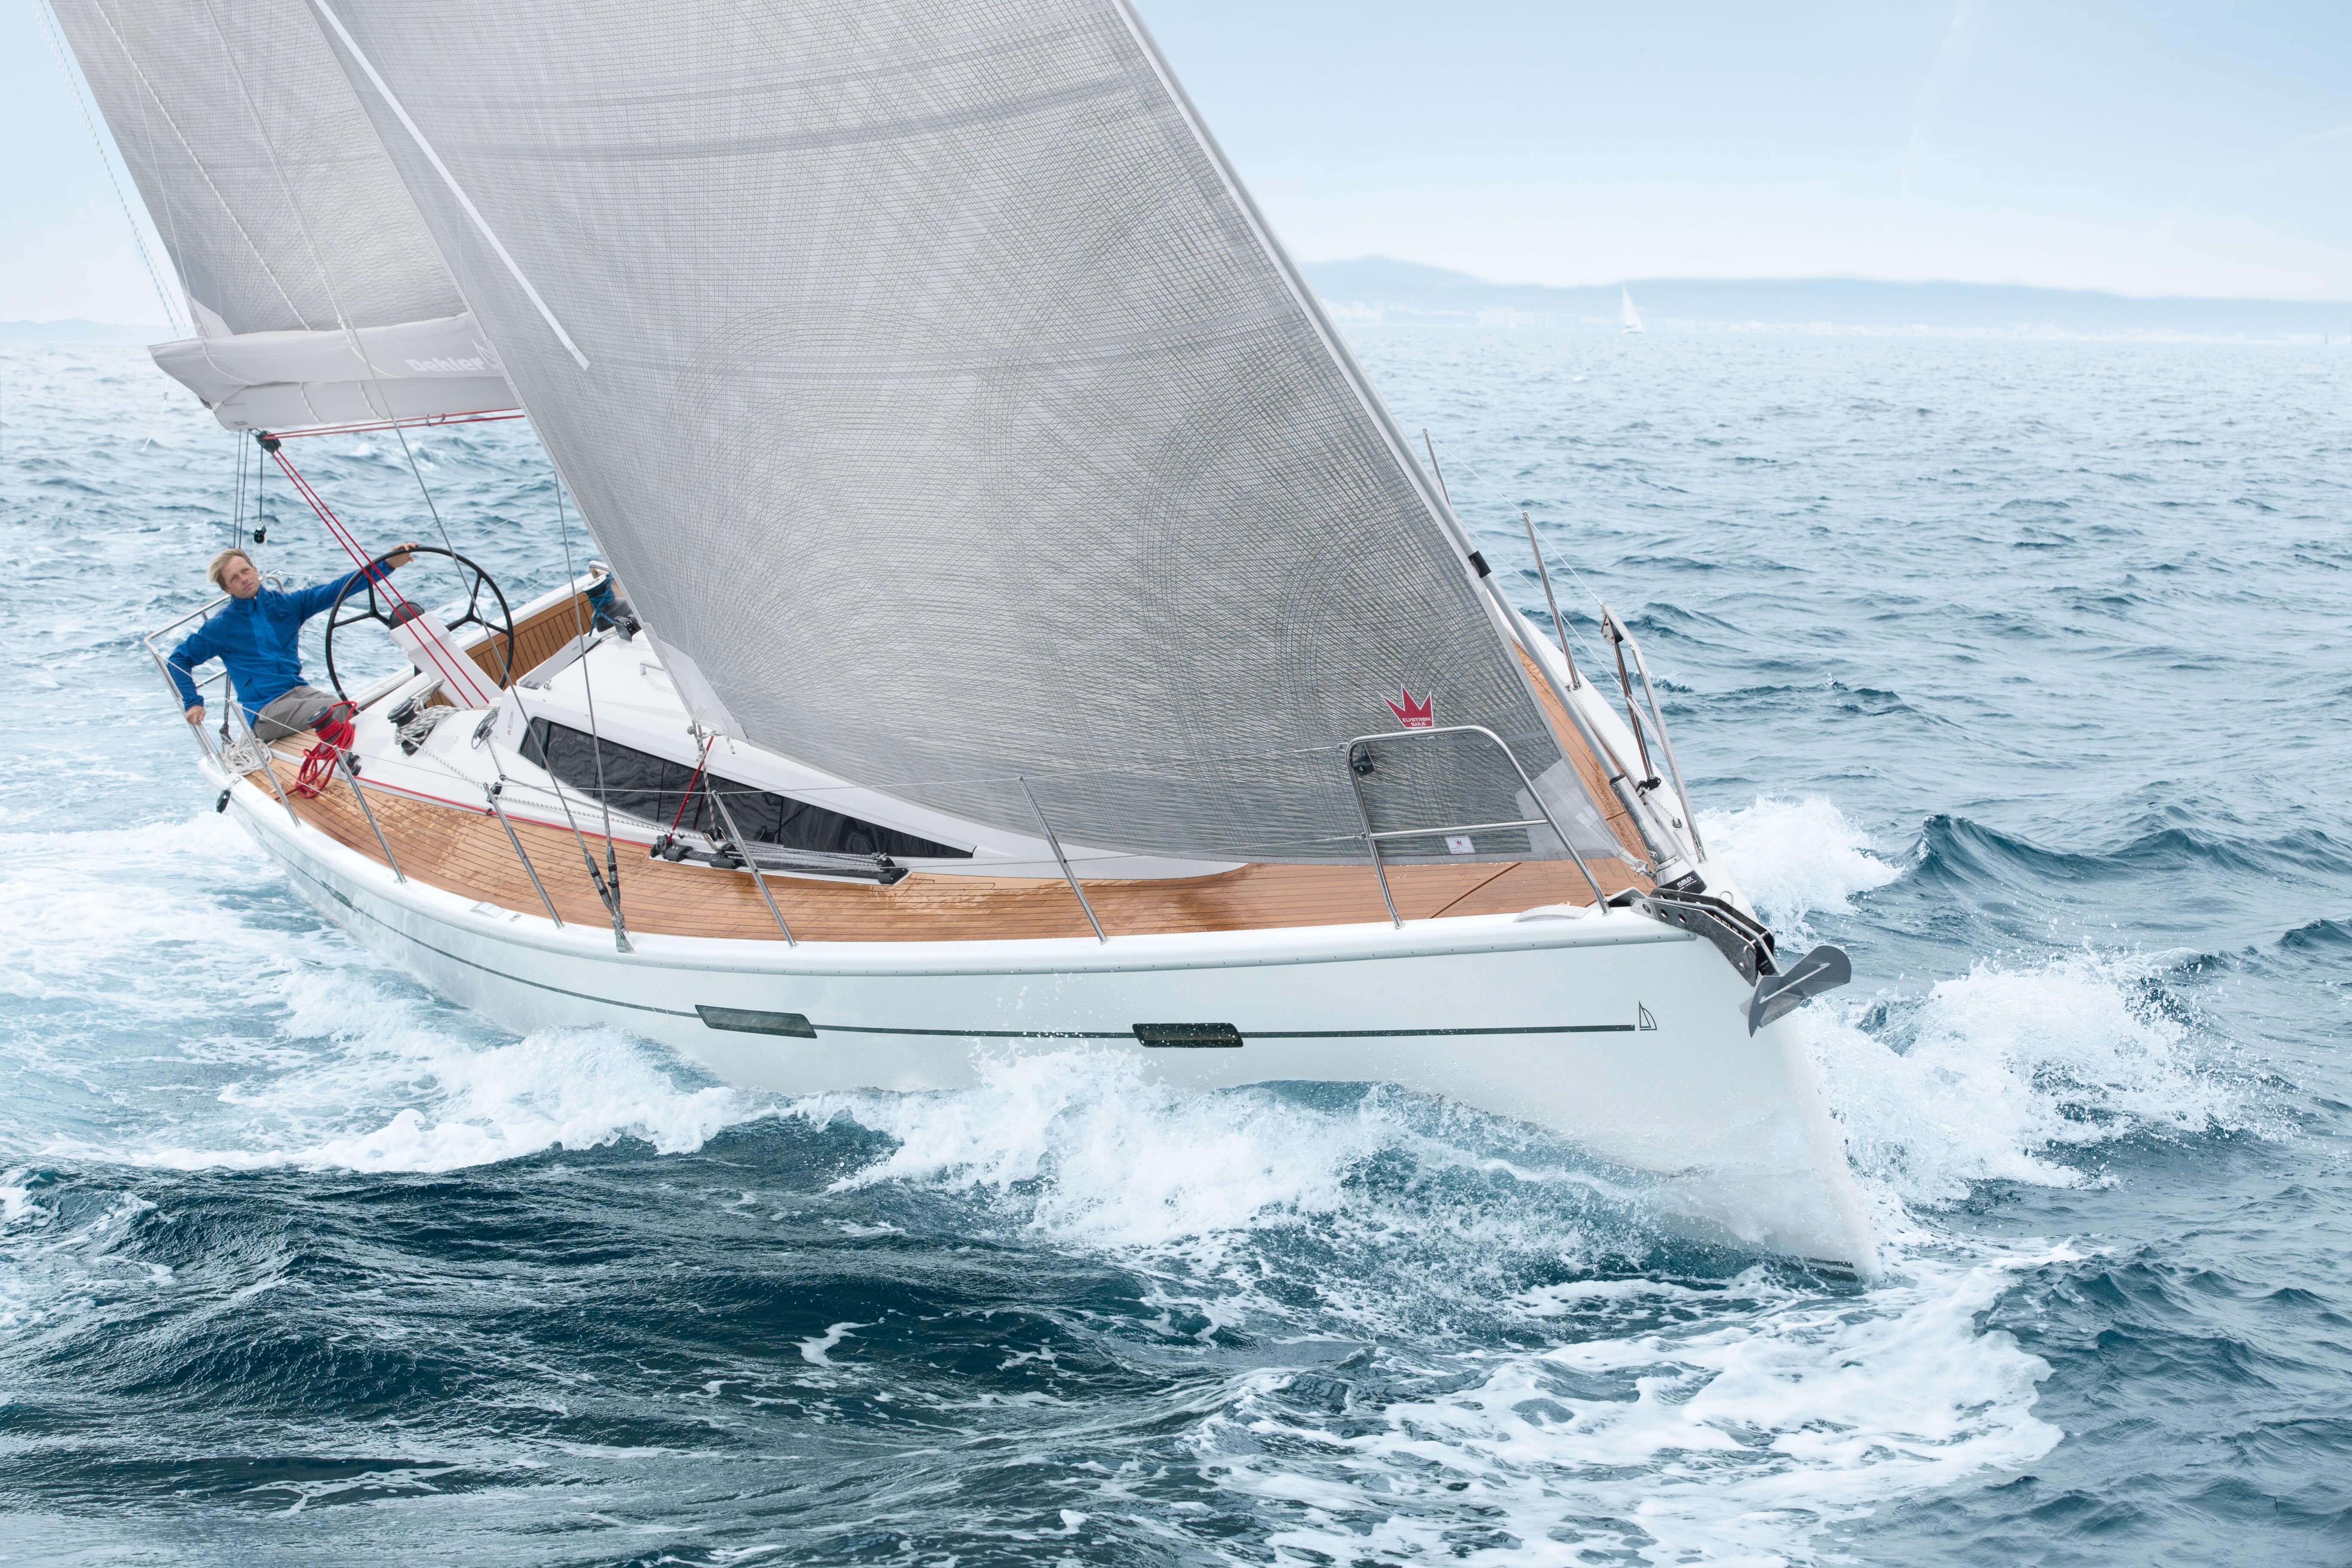 Dehler 42 Exterior Sailing | Dehler 42_Segeln_12_0516_044.jpg | Dehler